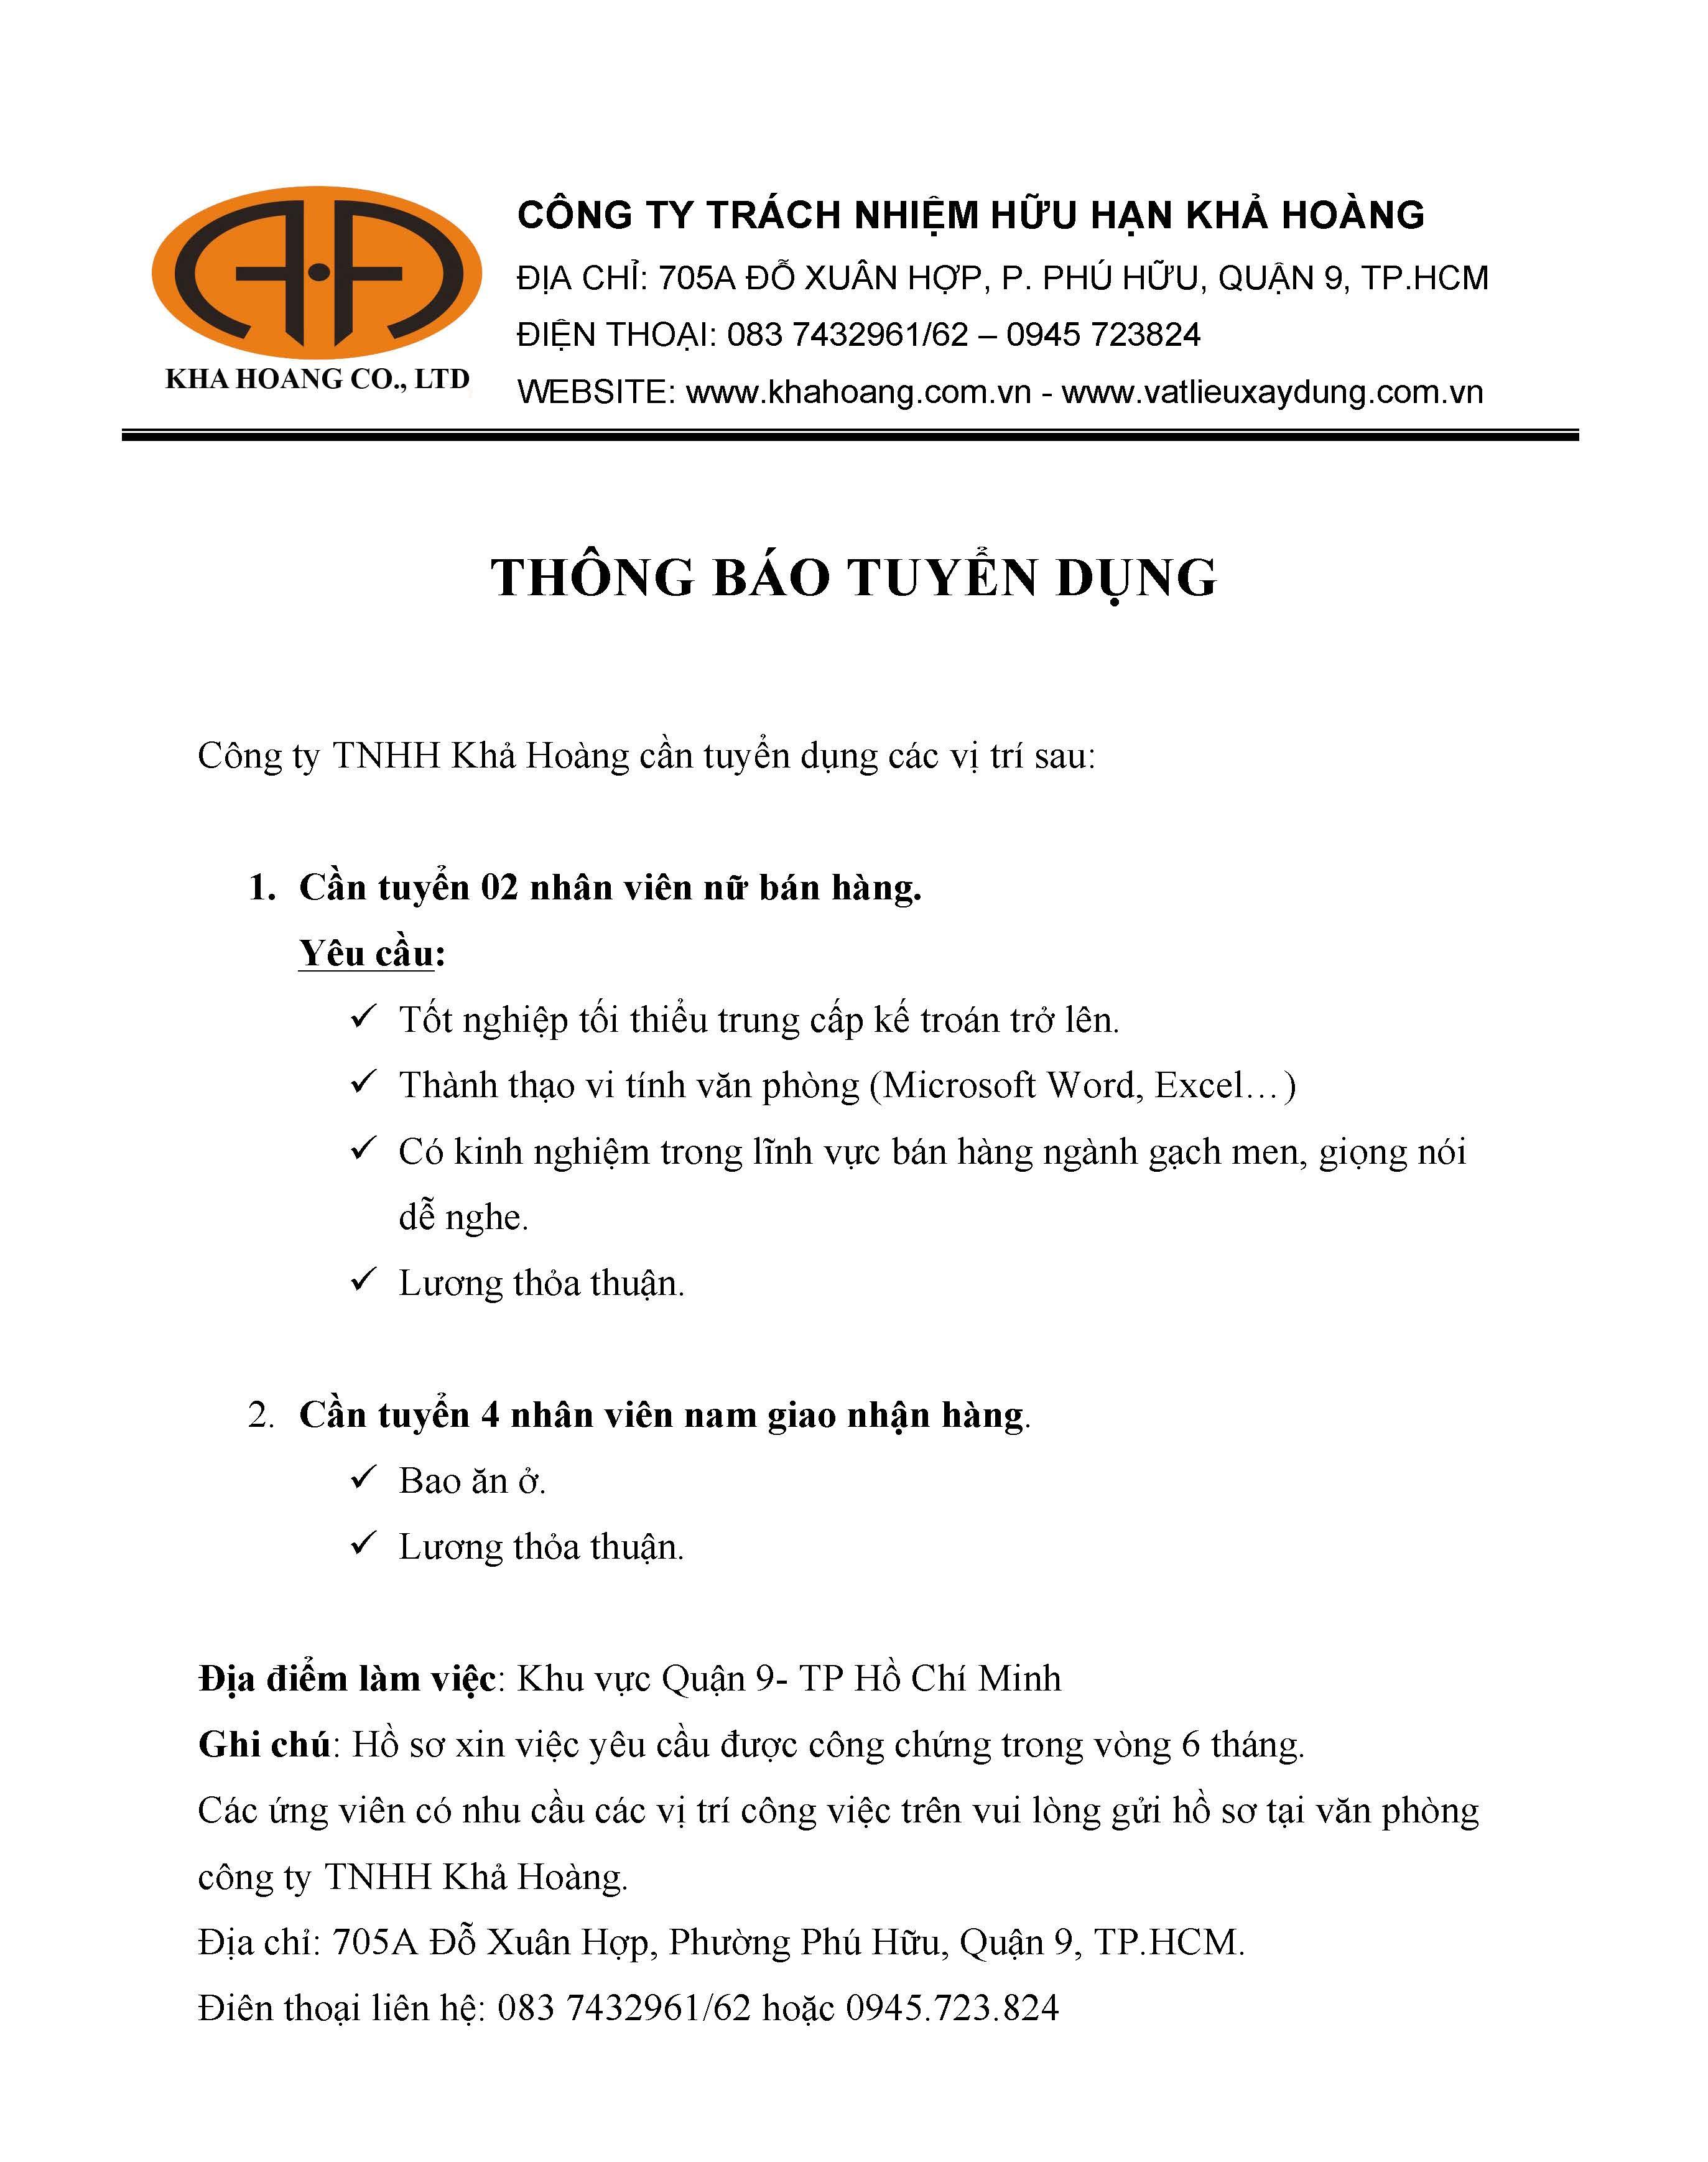 THÔNG TIN TUYỂN DỤNG THÁNG 3/2017